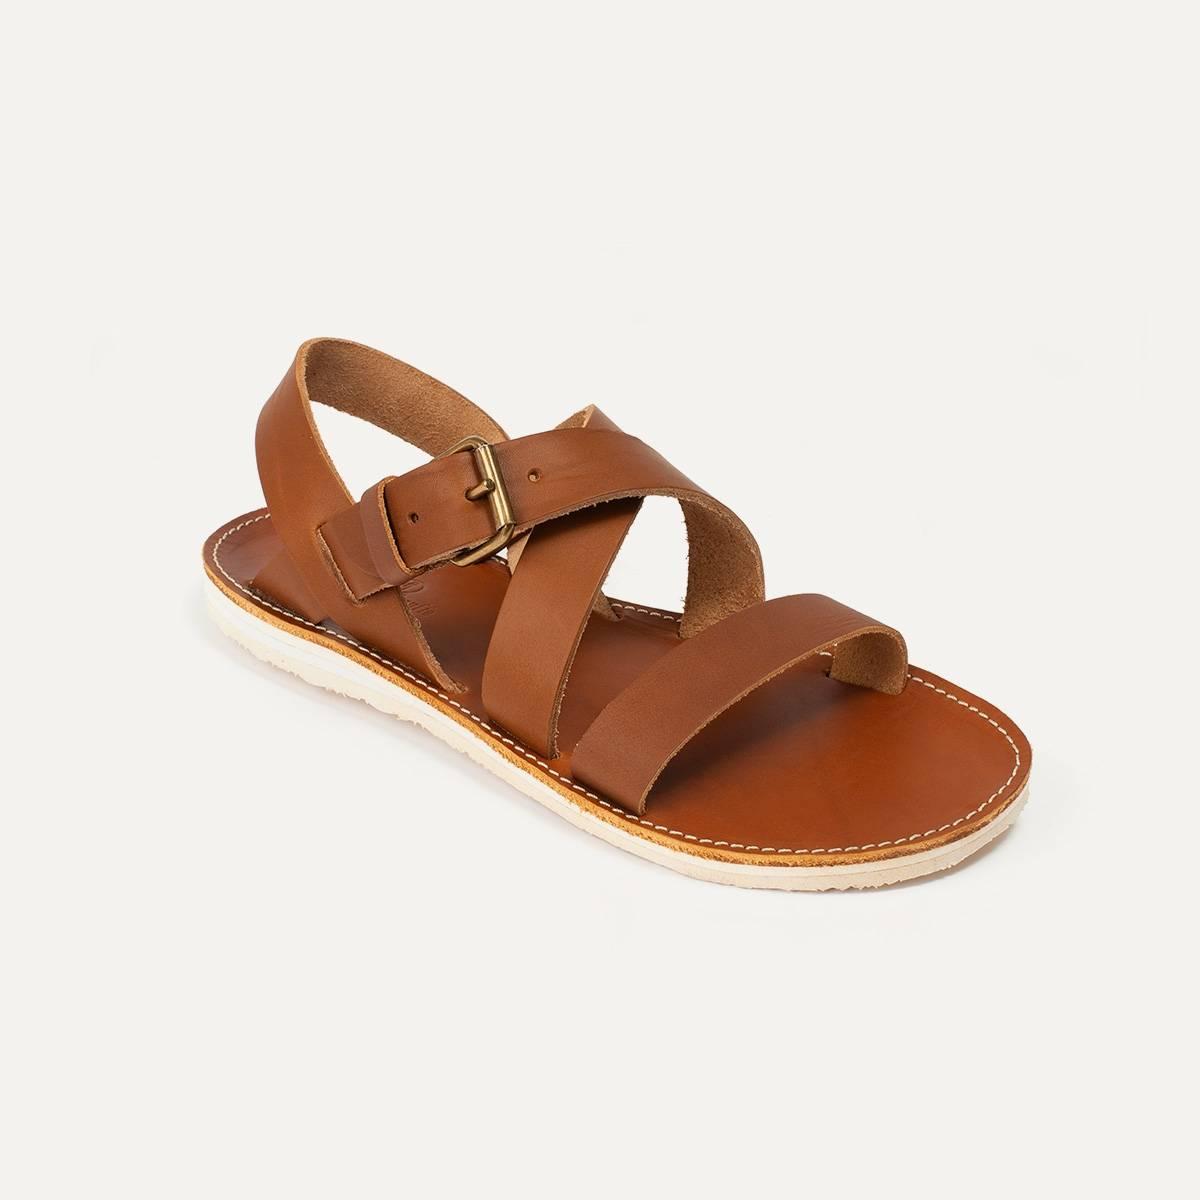 Sandales cuir Iwate - Pain Brûlé (image n°3)